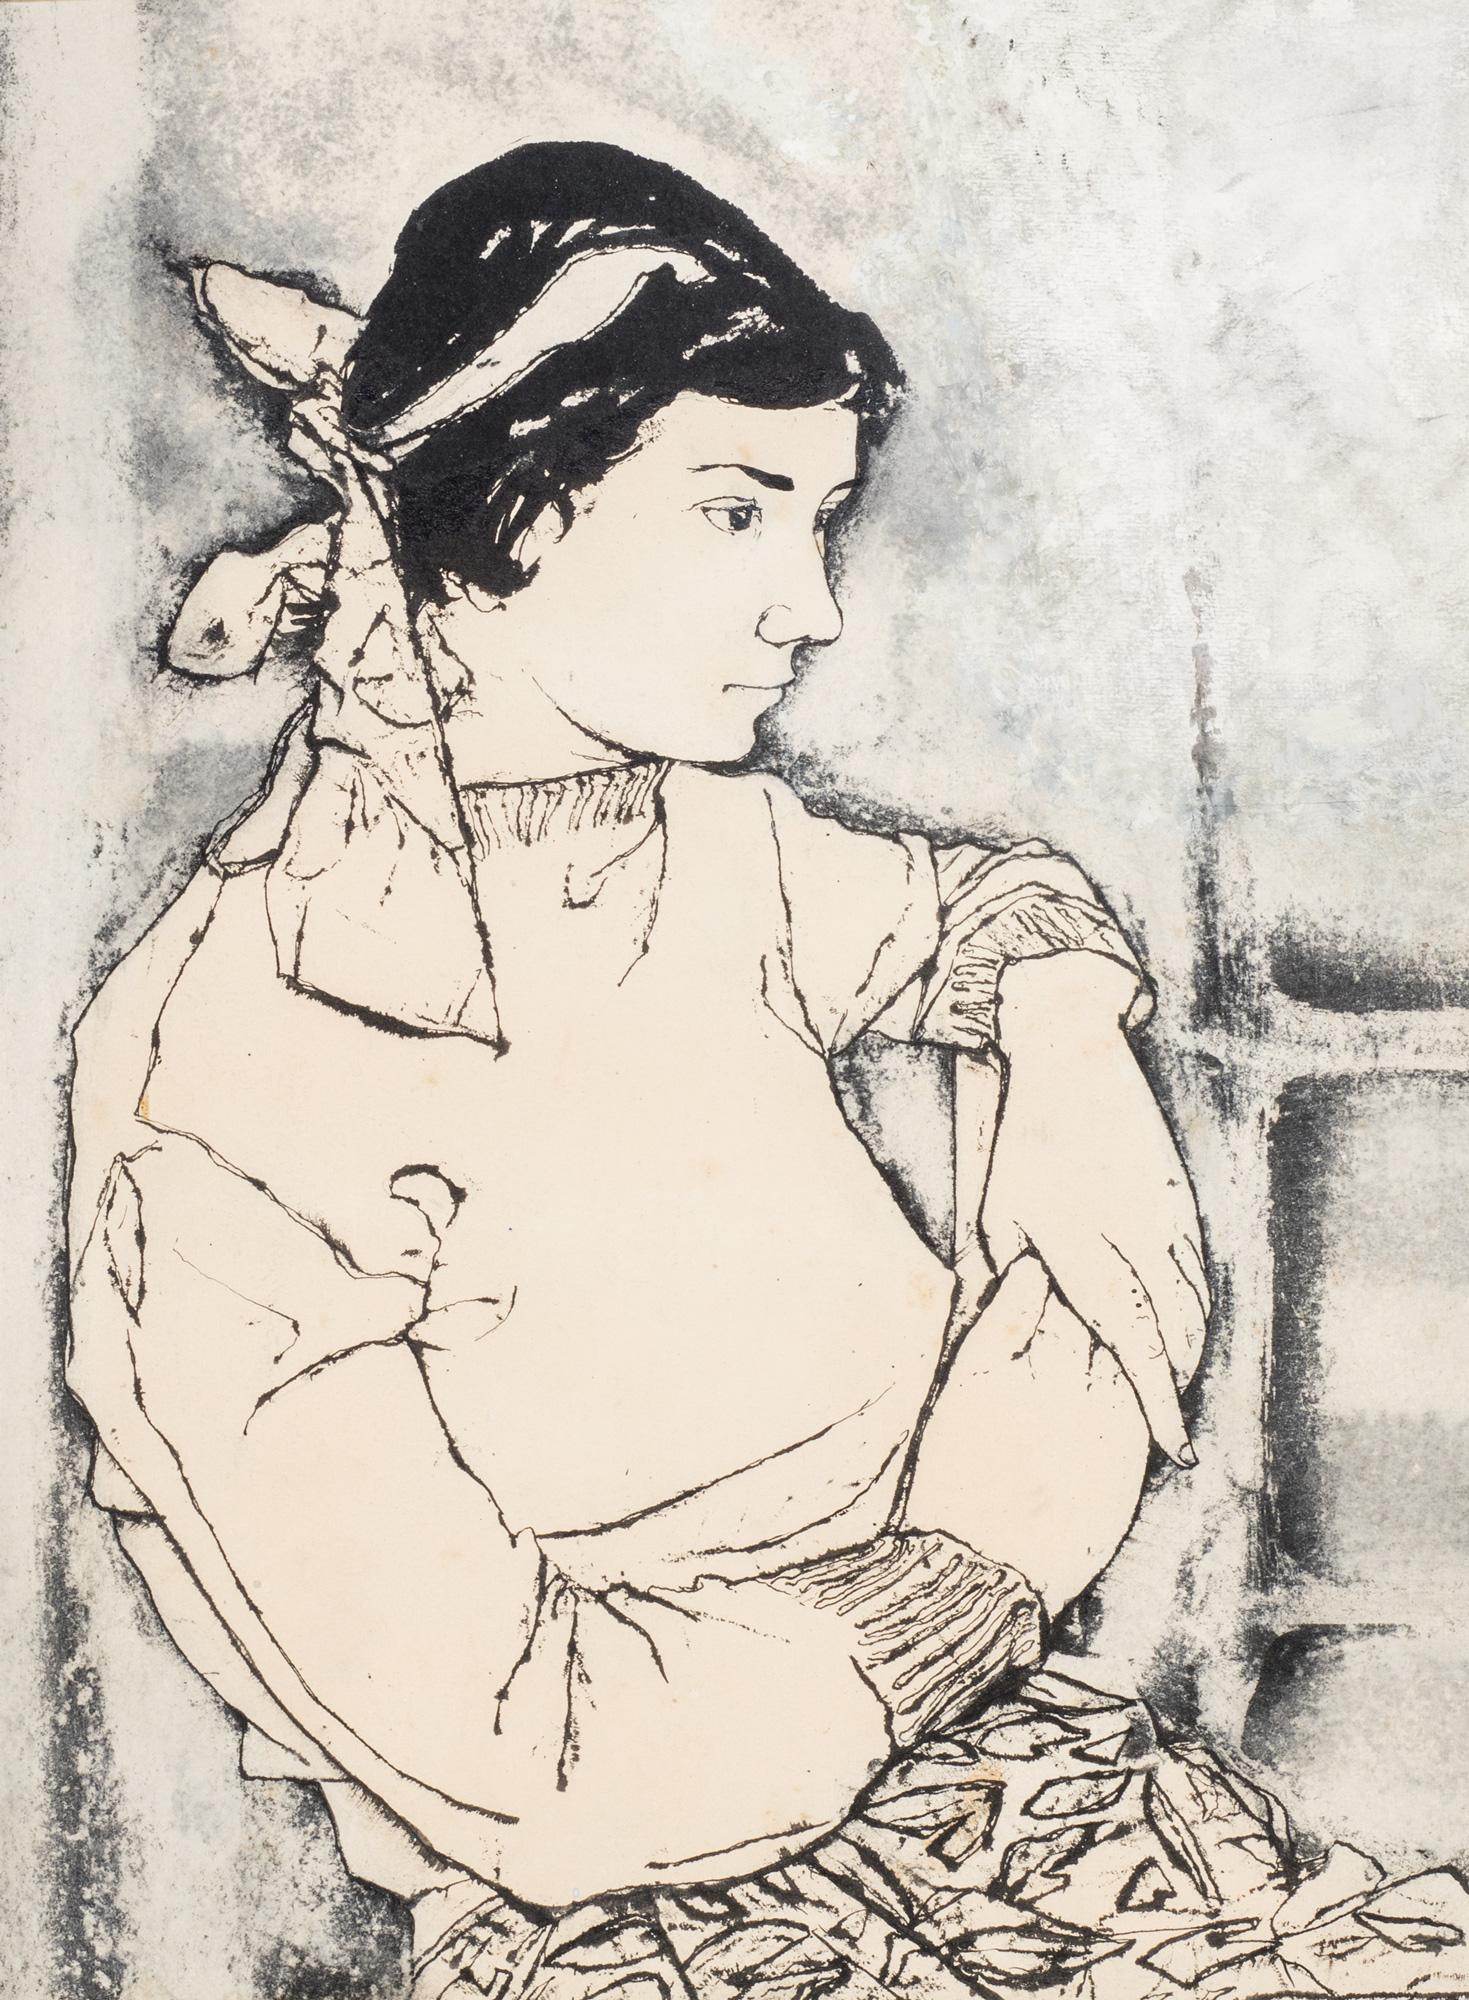 Ritratto di Graziella Urbinati, 1948